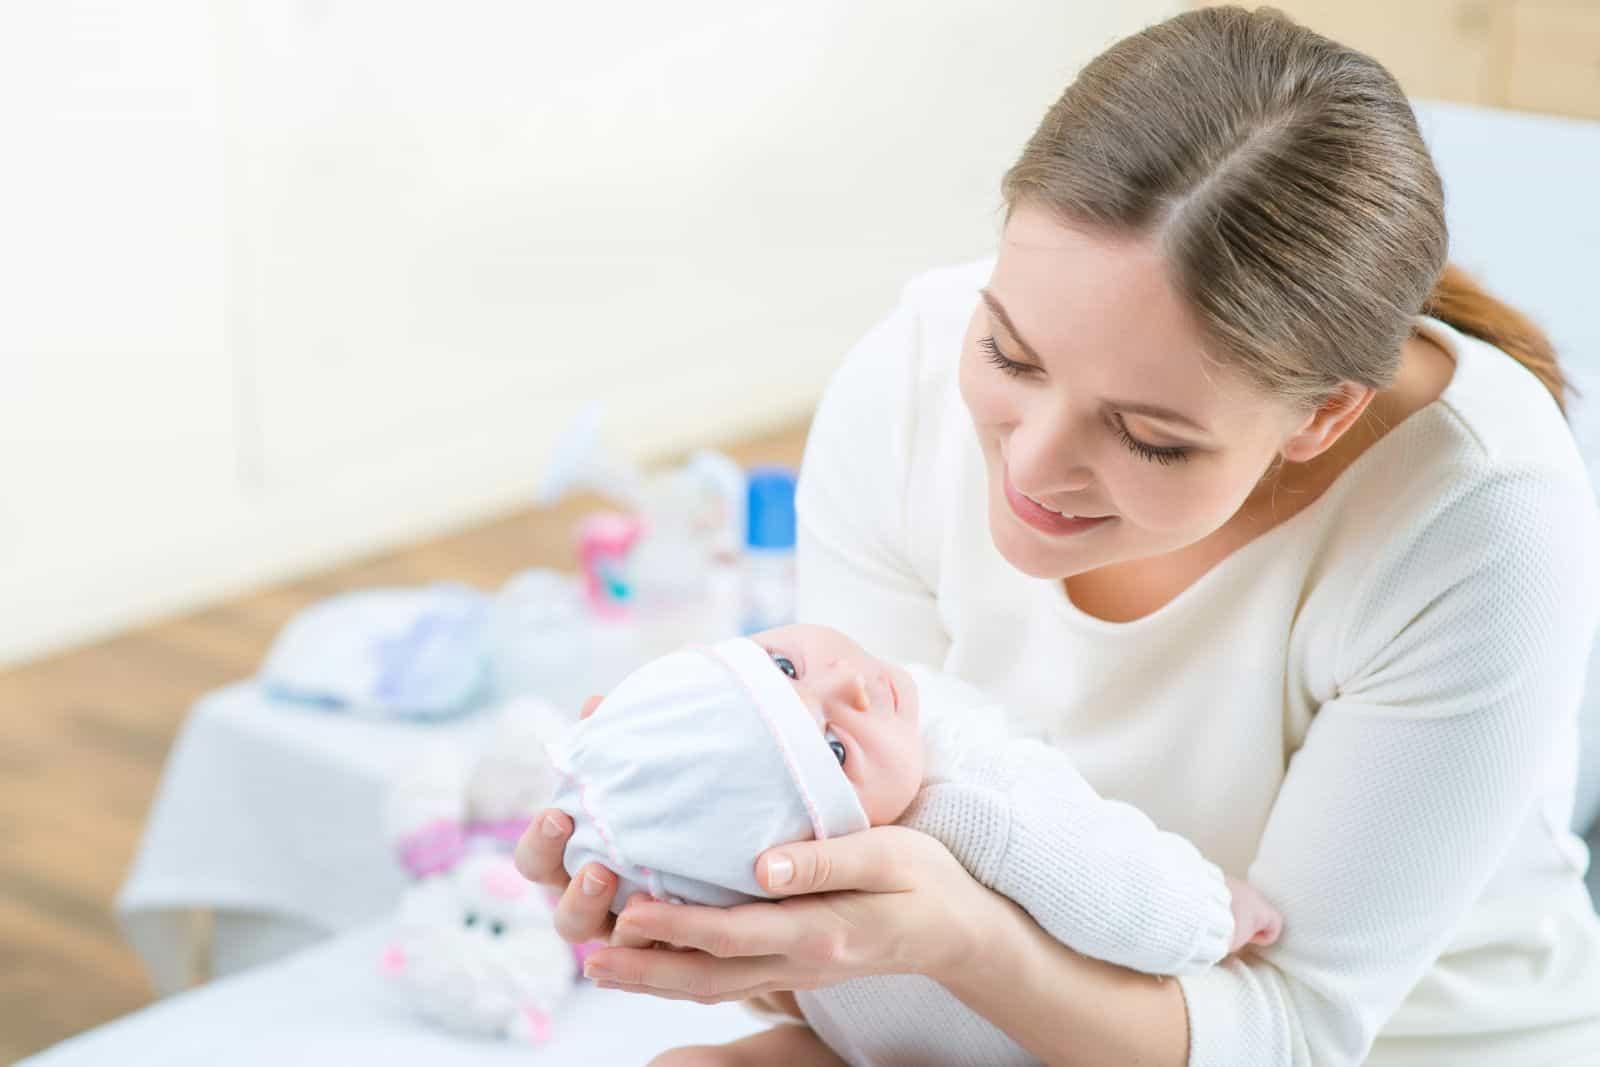 Теперь можно получить материнский капитал за рождение первенца